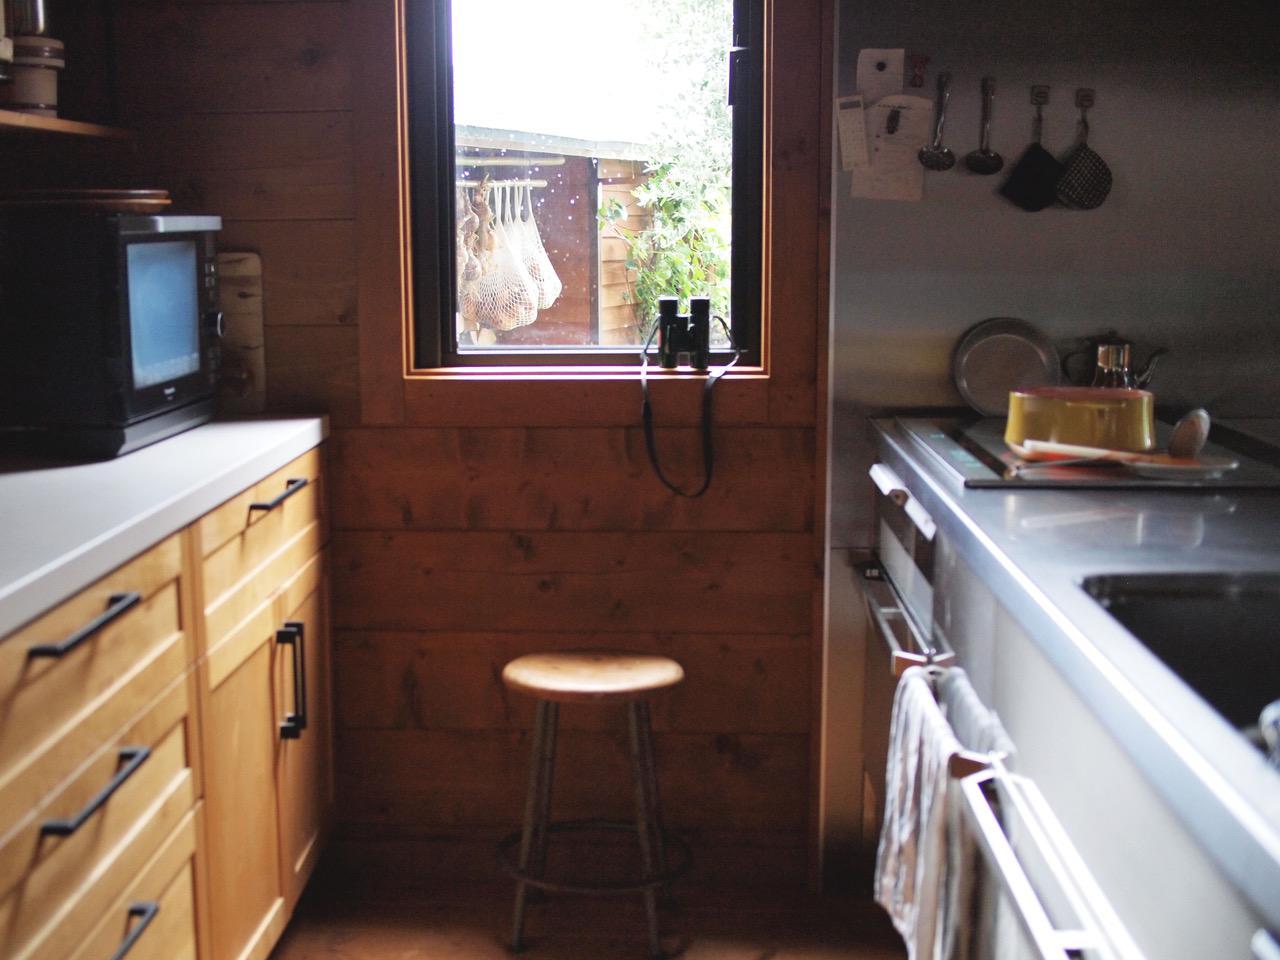 画像: コンロ側の窓から庭の軒下の玉ねぎストックが見えます。ここで椅子に腰かけ調理中のお鍋を見つつ、双眼鏡でじっくり野鳥観察することも